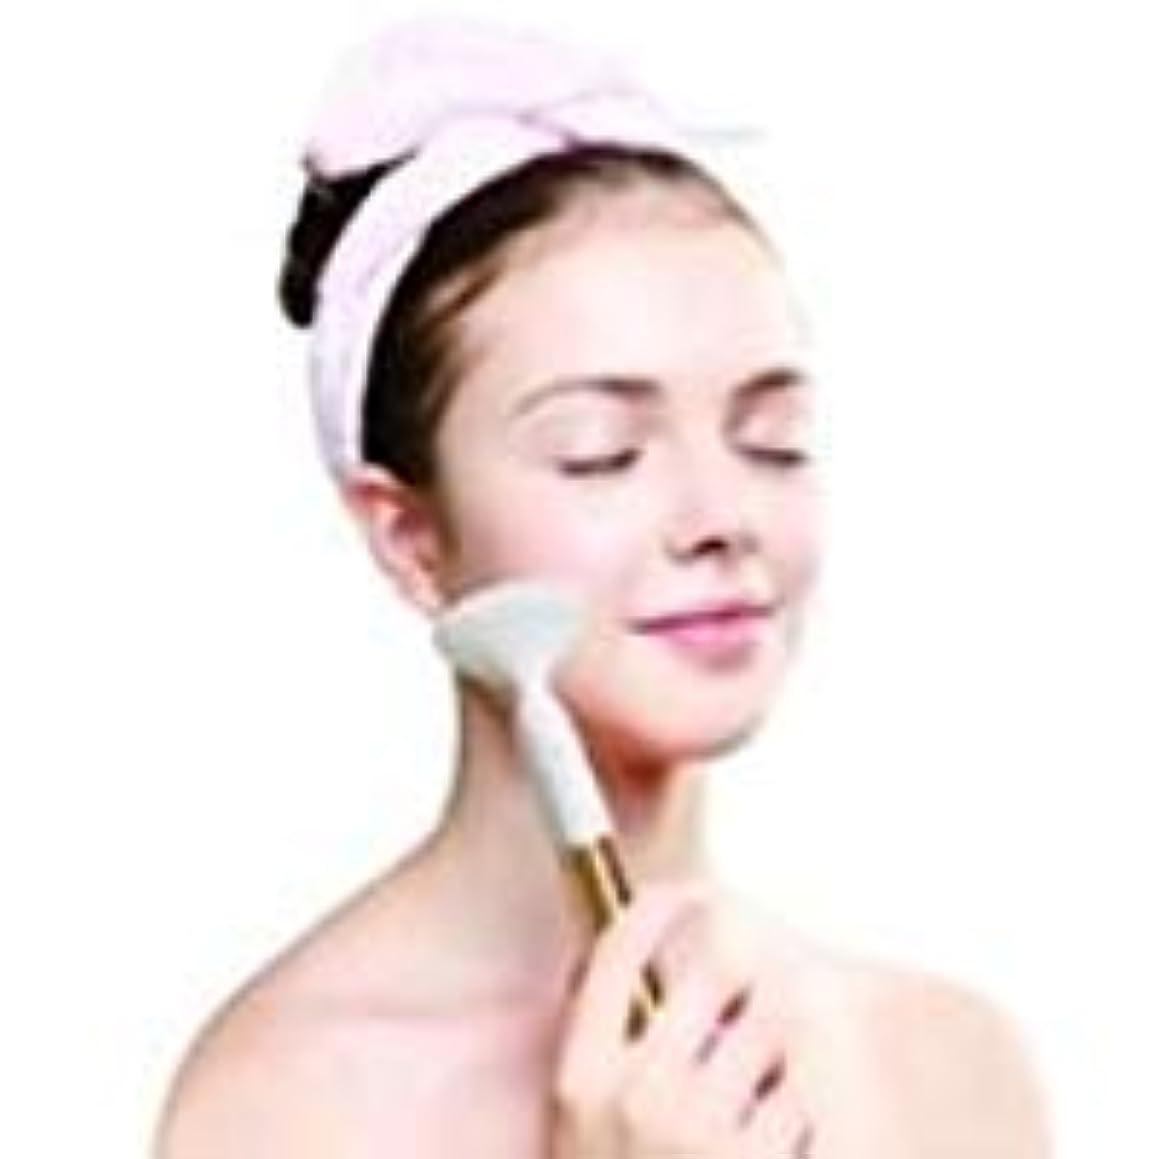 製造業モンキー取り組むお風呂で美顔 洗顔 防水洗顔 ブラシ FREYA フレイヤ (ゴールド)